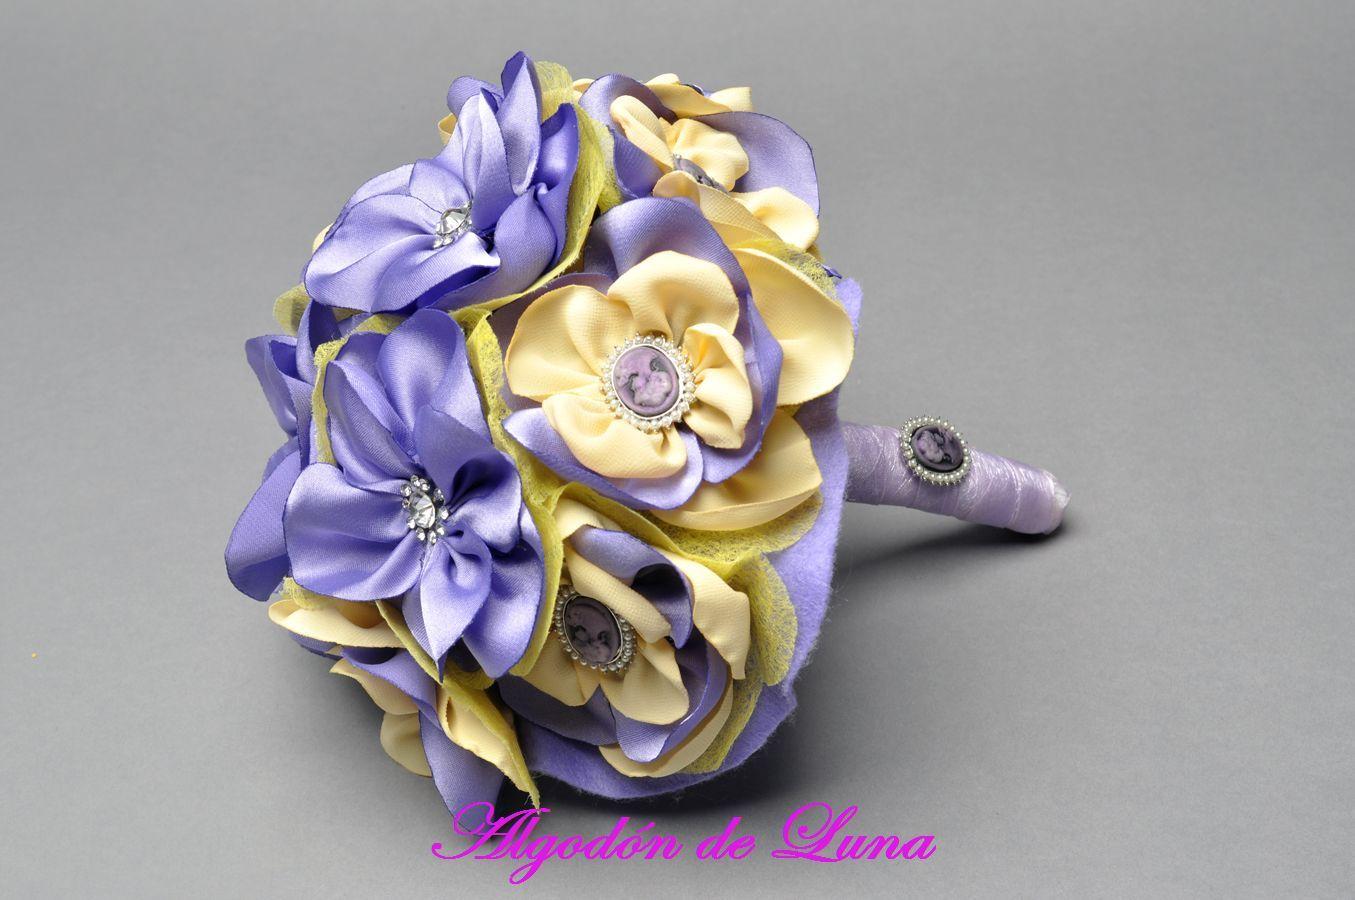 Bouquet ramo de flores de tela lilas,morado,violeta y amarillas con botones de cristal  606619349 algodondeluna@gmail